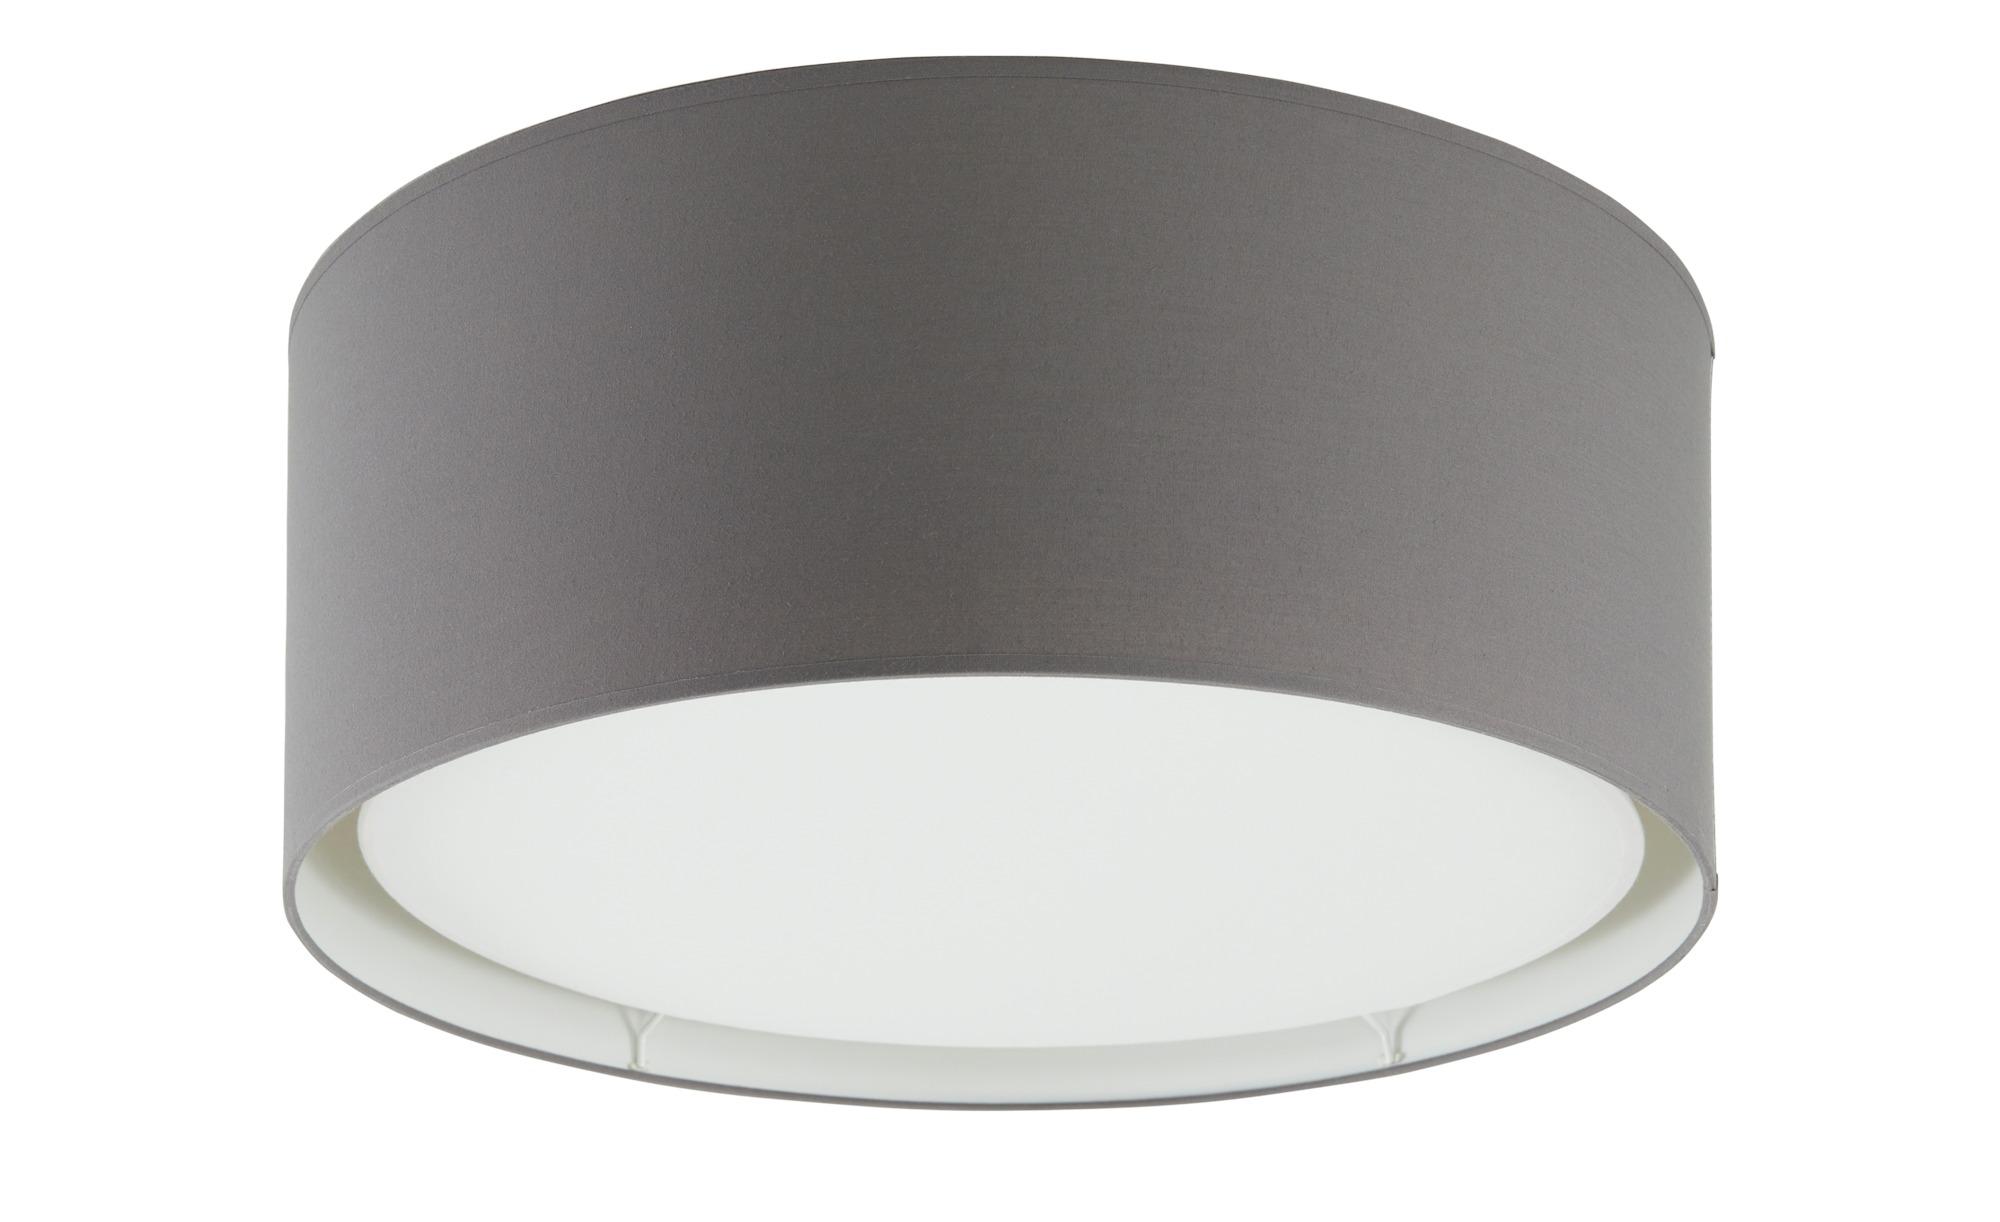 Deckenleuchte, 1-flammig, Stoffschirm grau ¦ grau ¦ Maße (cm): H: 20 Ø: 50 Lampen & Leuchten > Innenleuchten > Deckenleuchten - Höffner